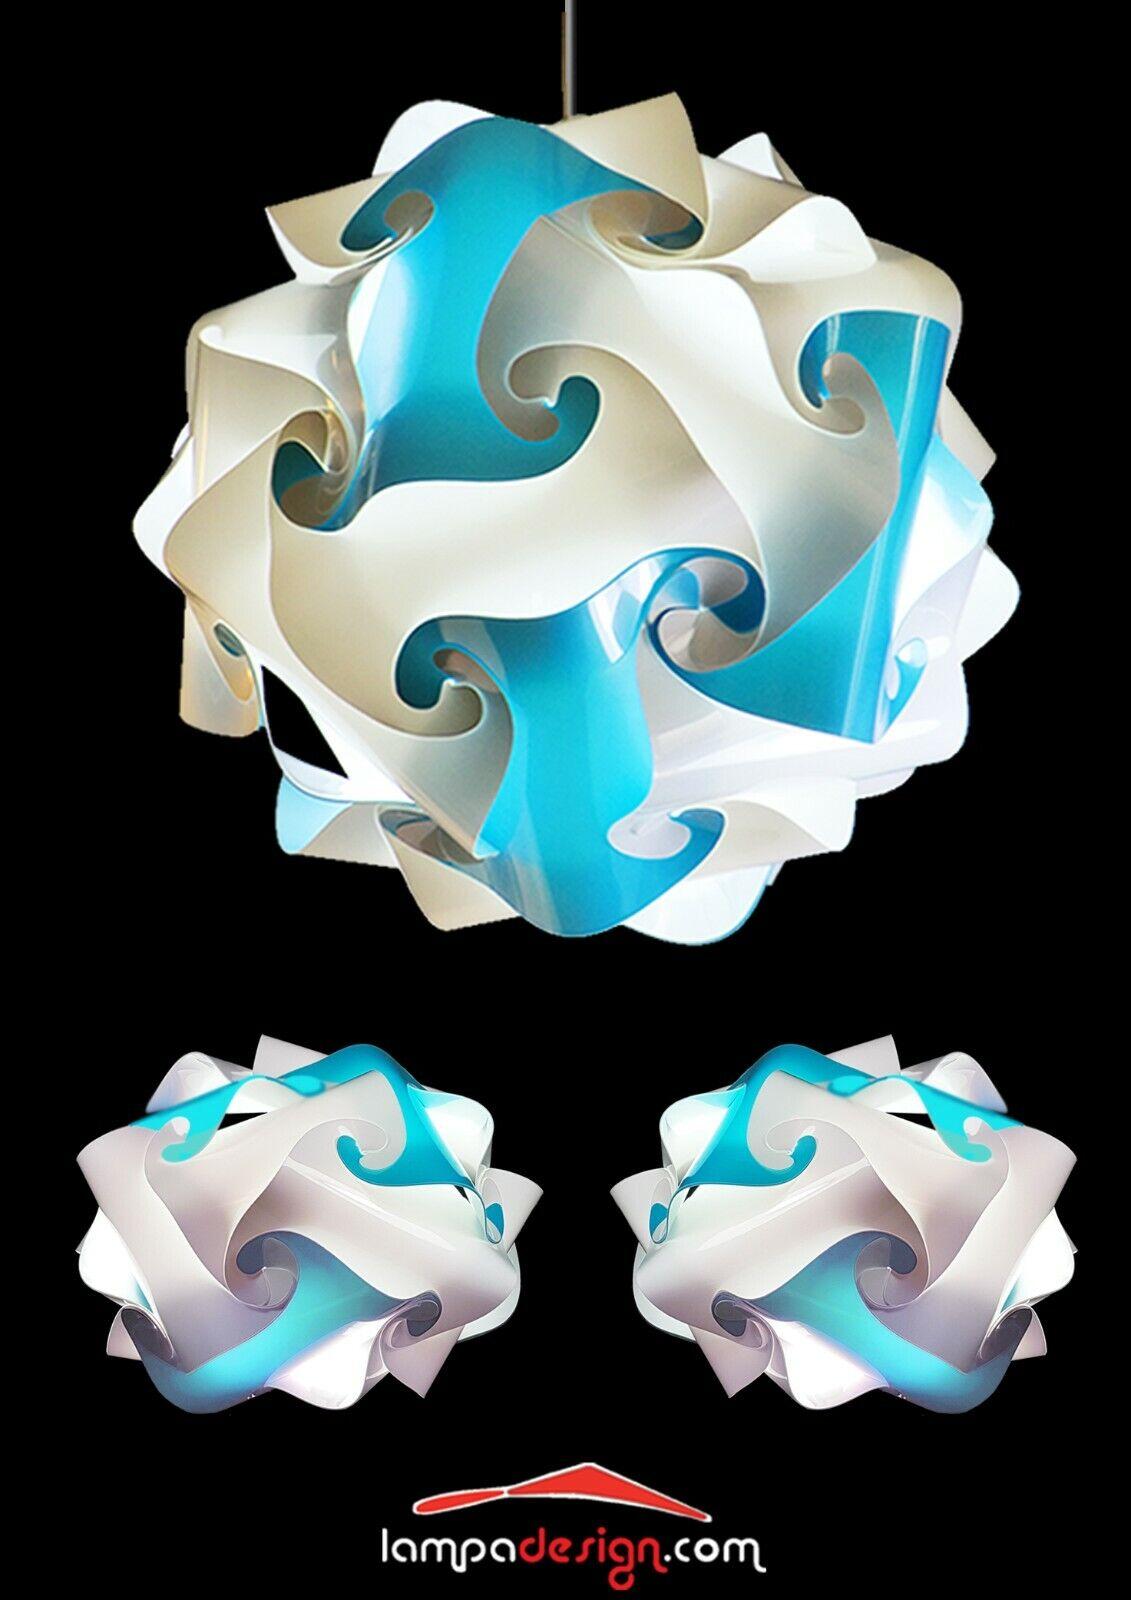 OFFERTA Lampadario design moderno Fiocco+ 2 Lampade comodini Modello Ufo